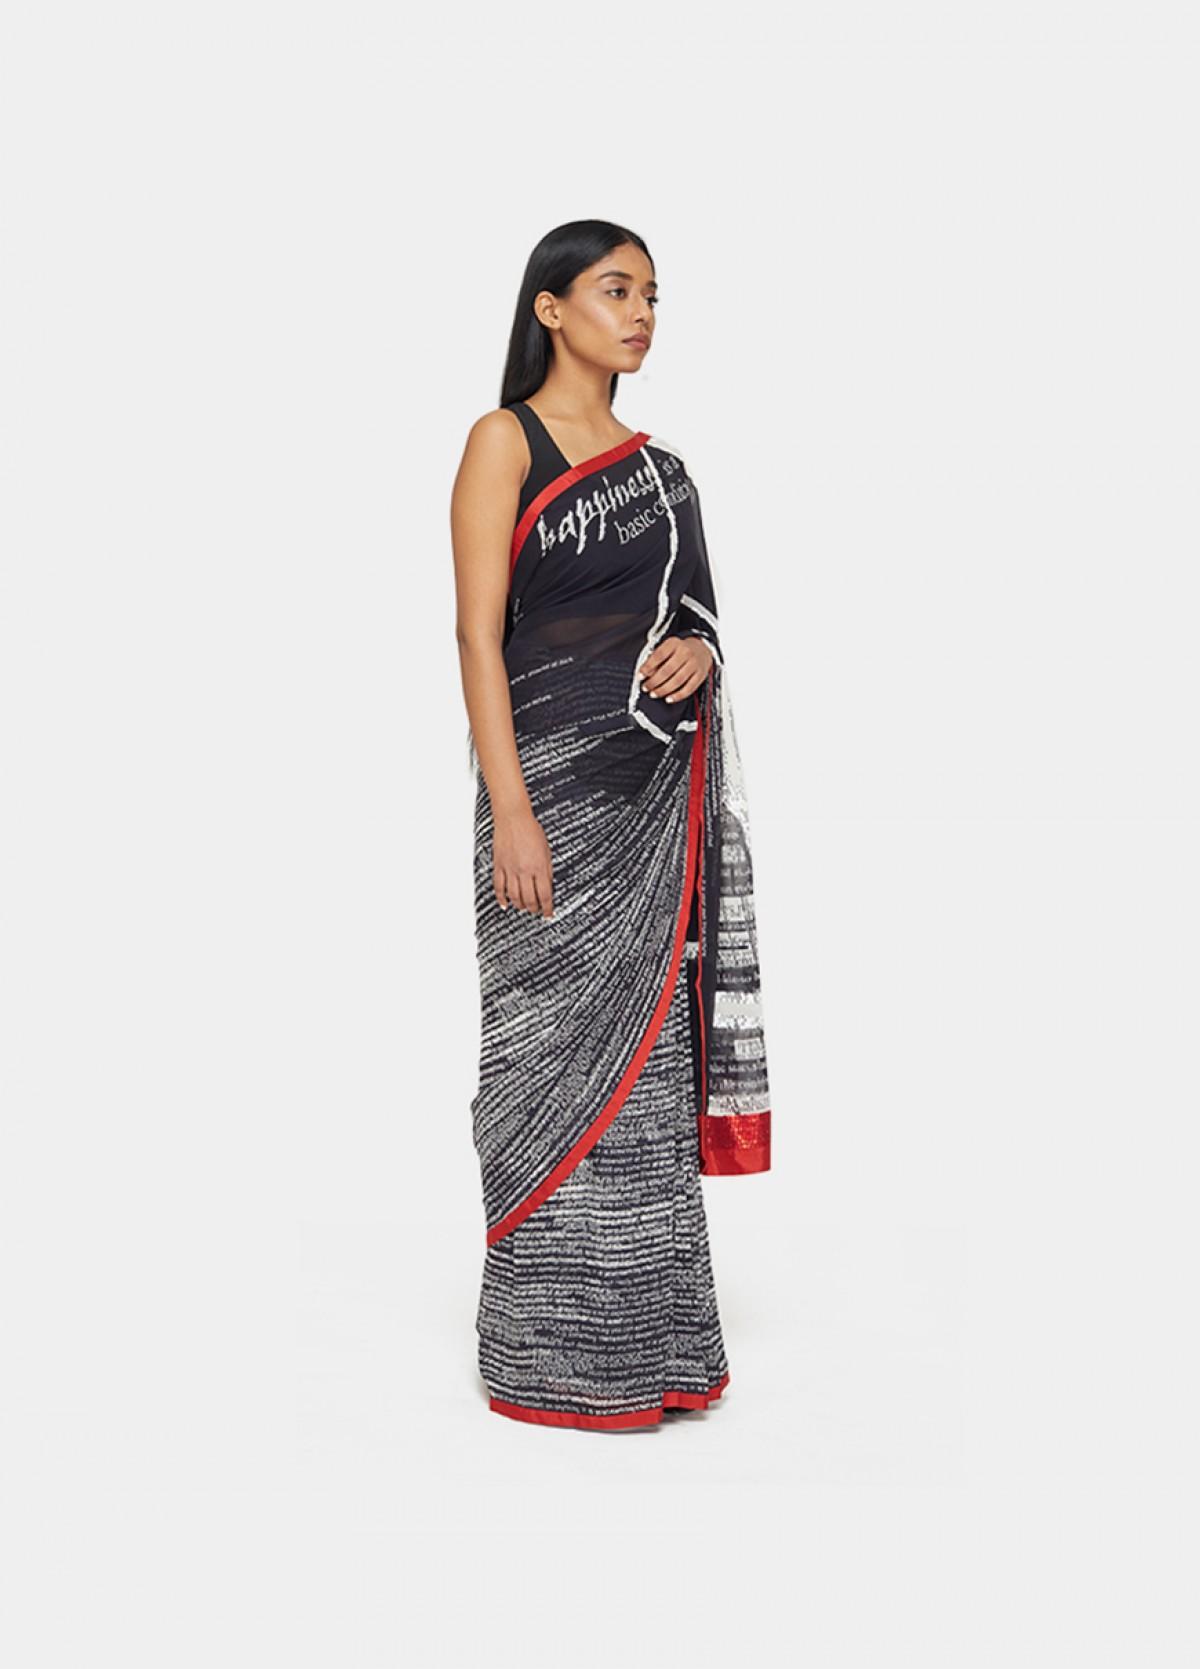 The Happiness Sari